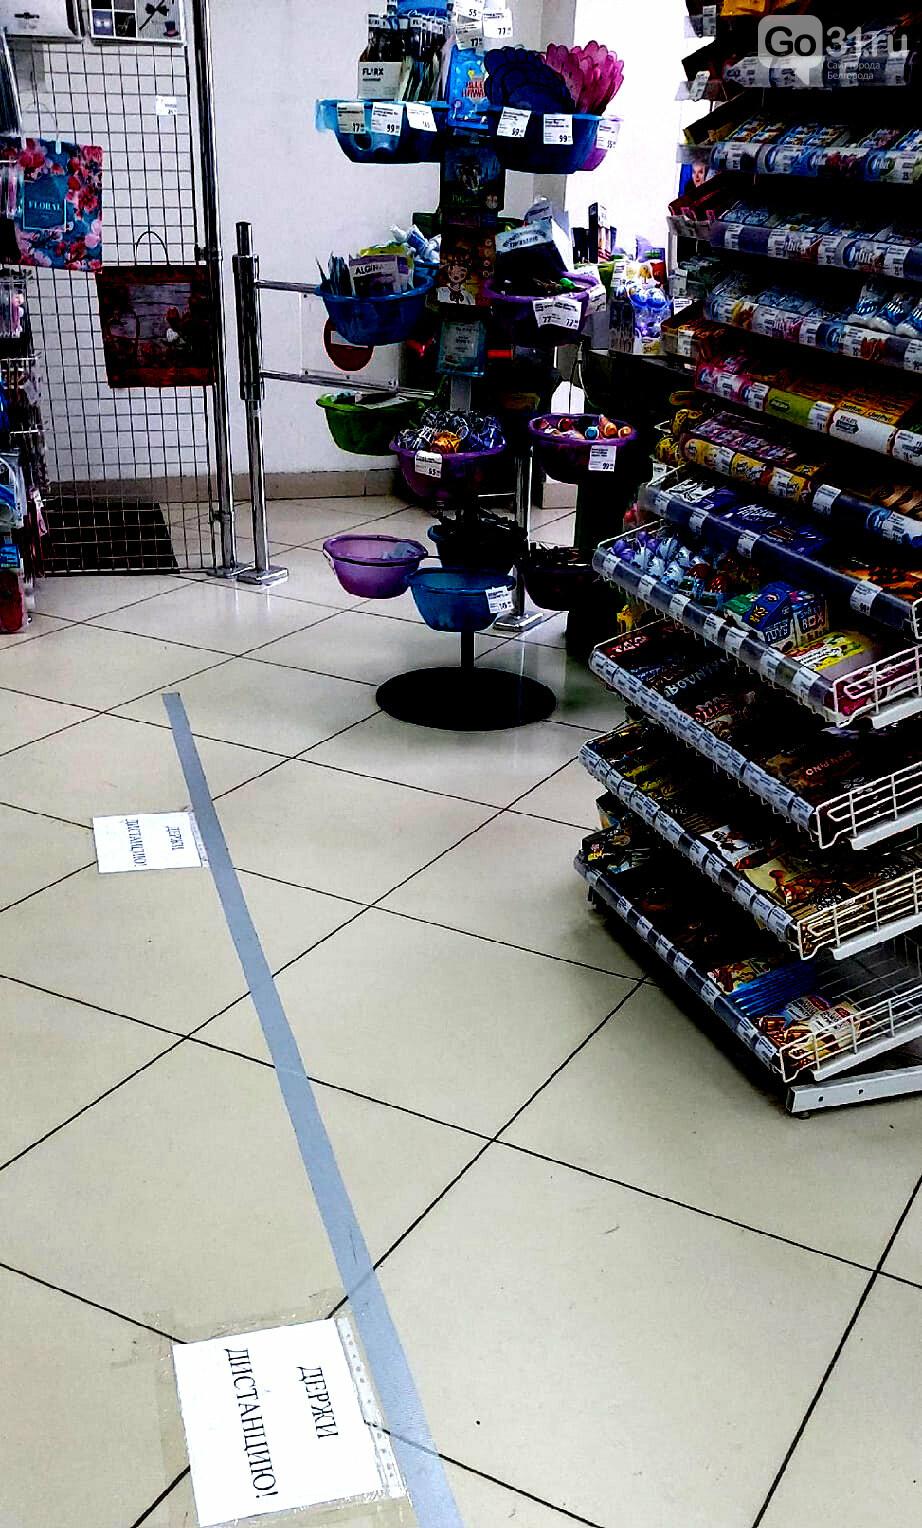 Карантинные хроники. В магазинах – больше масок и дистанции, фото-2, Фото: Надежда Саушина